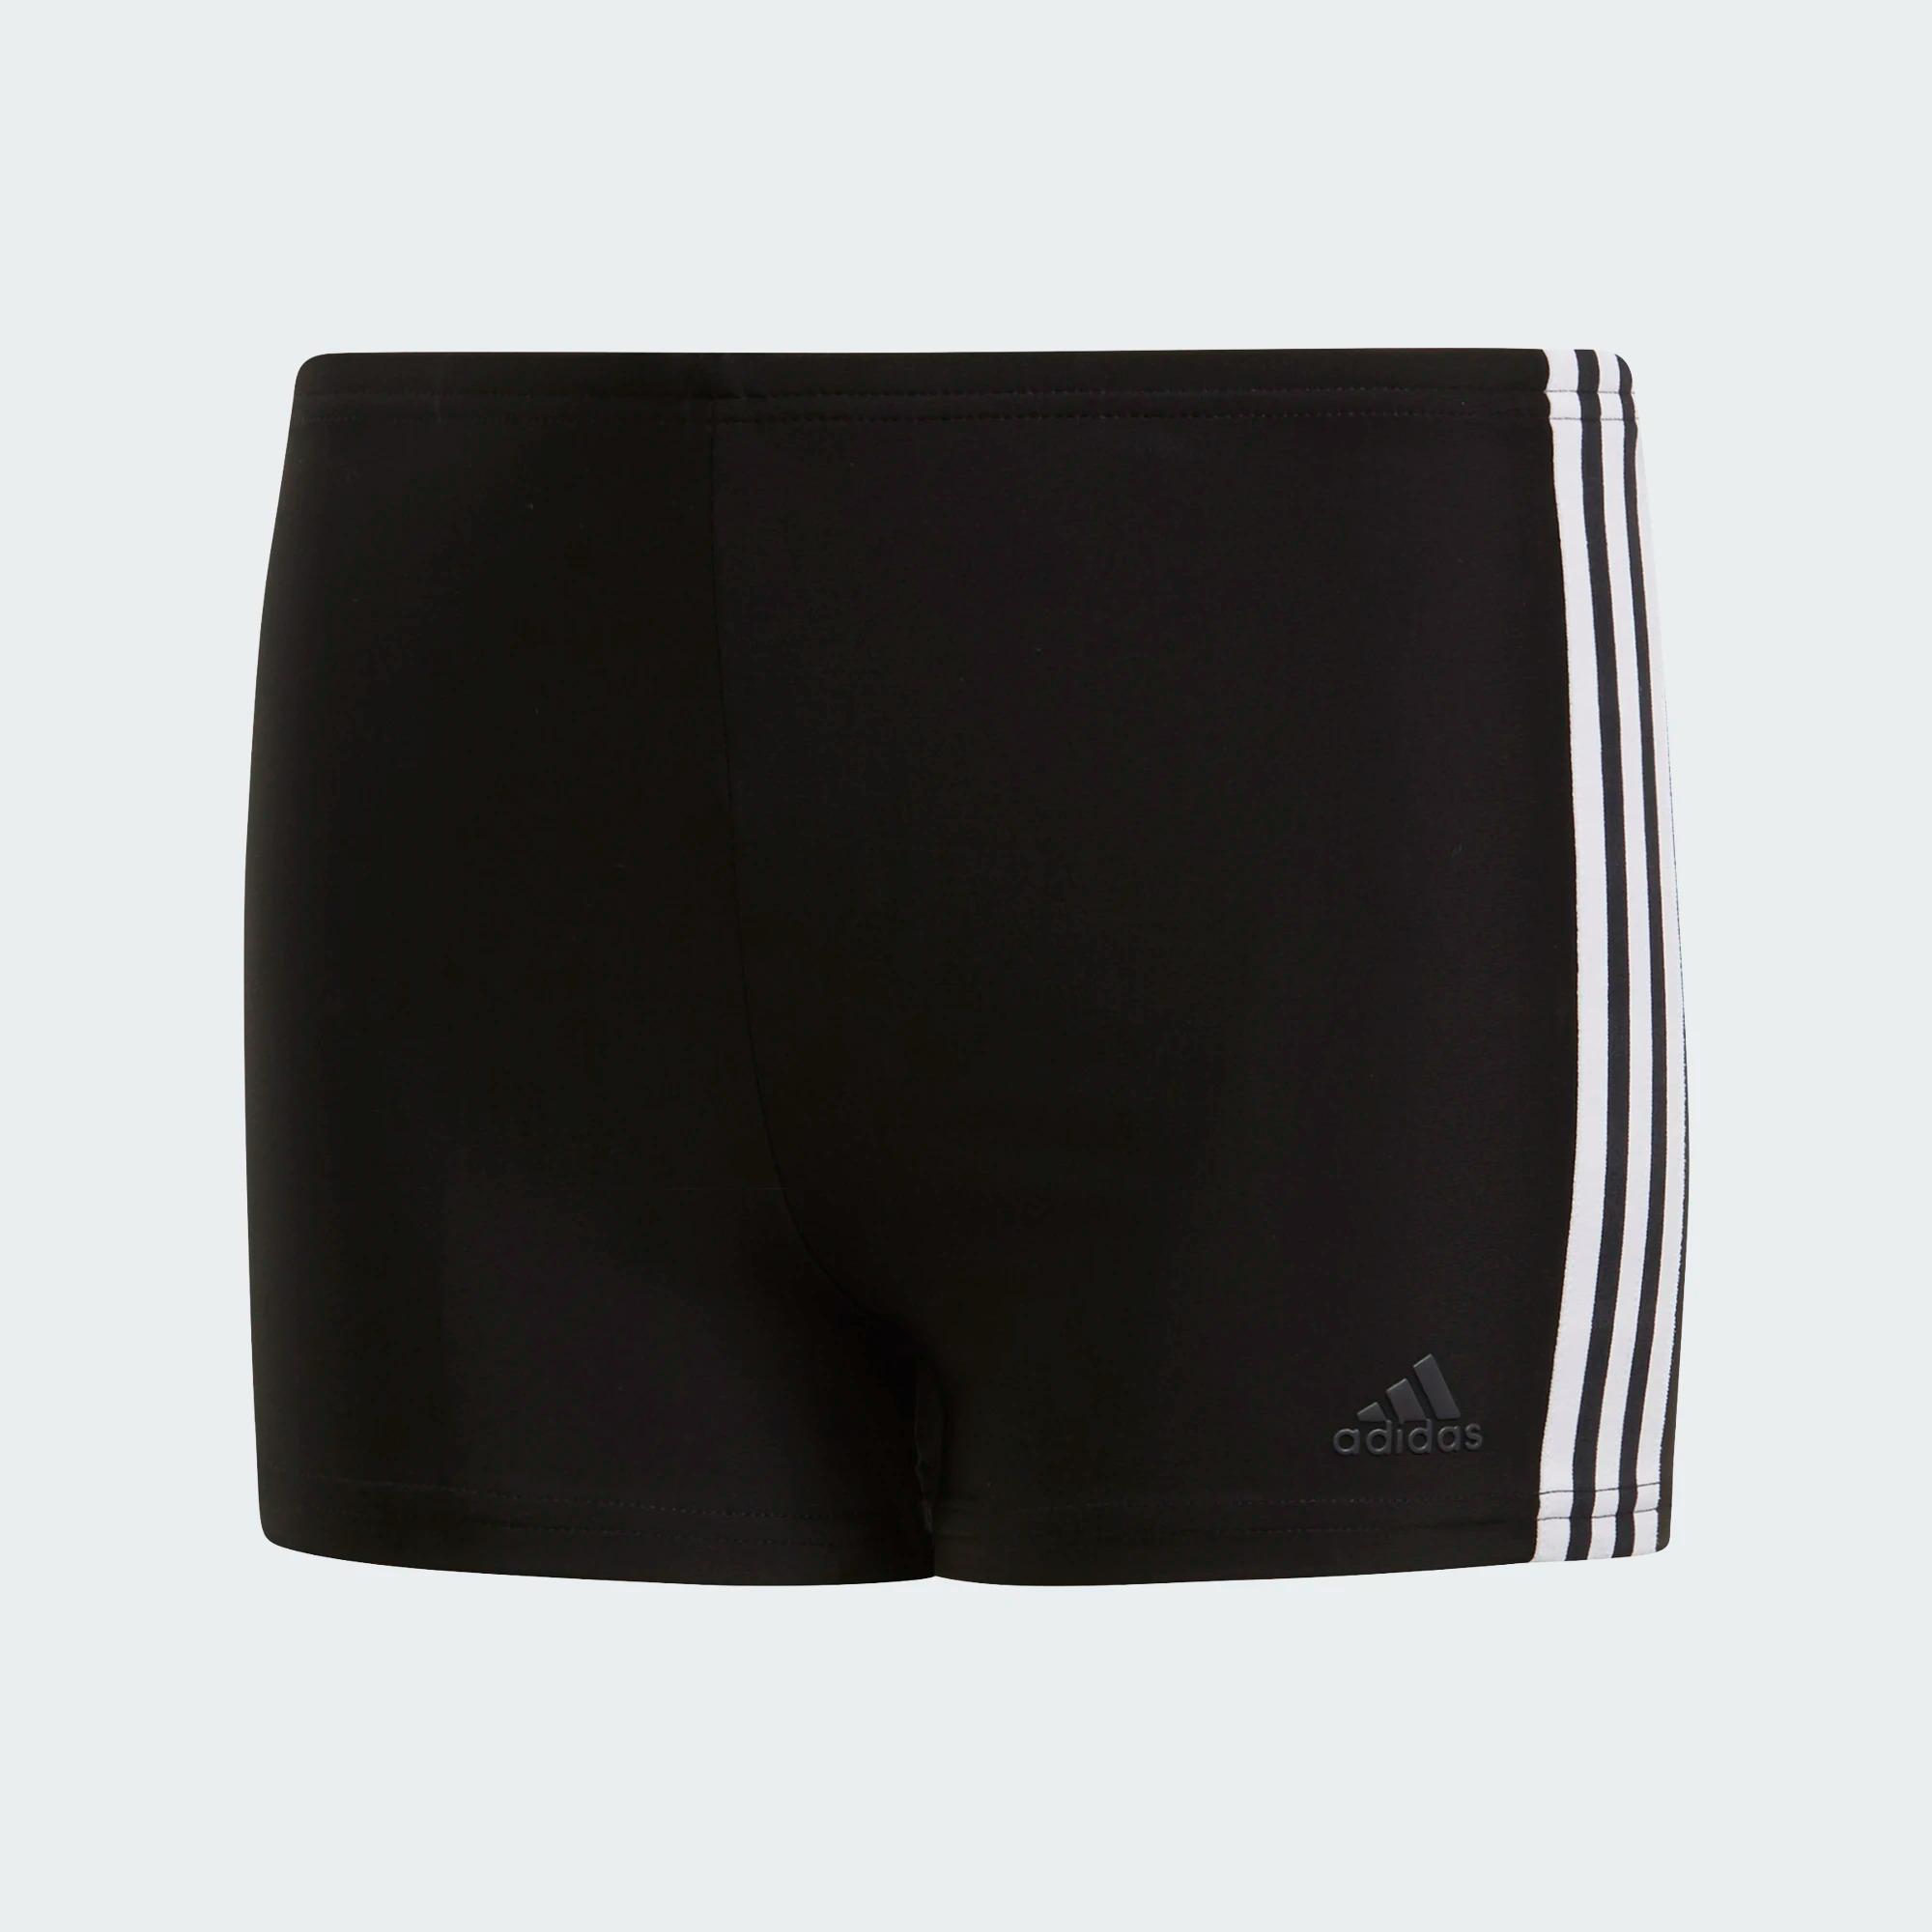 Adidas 3-Streifen Boxer-Badehose - schwarz/weiß